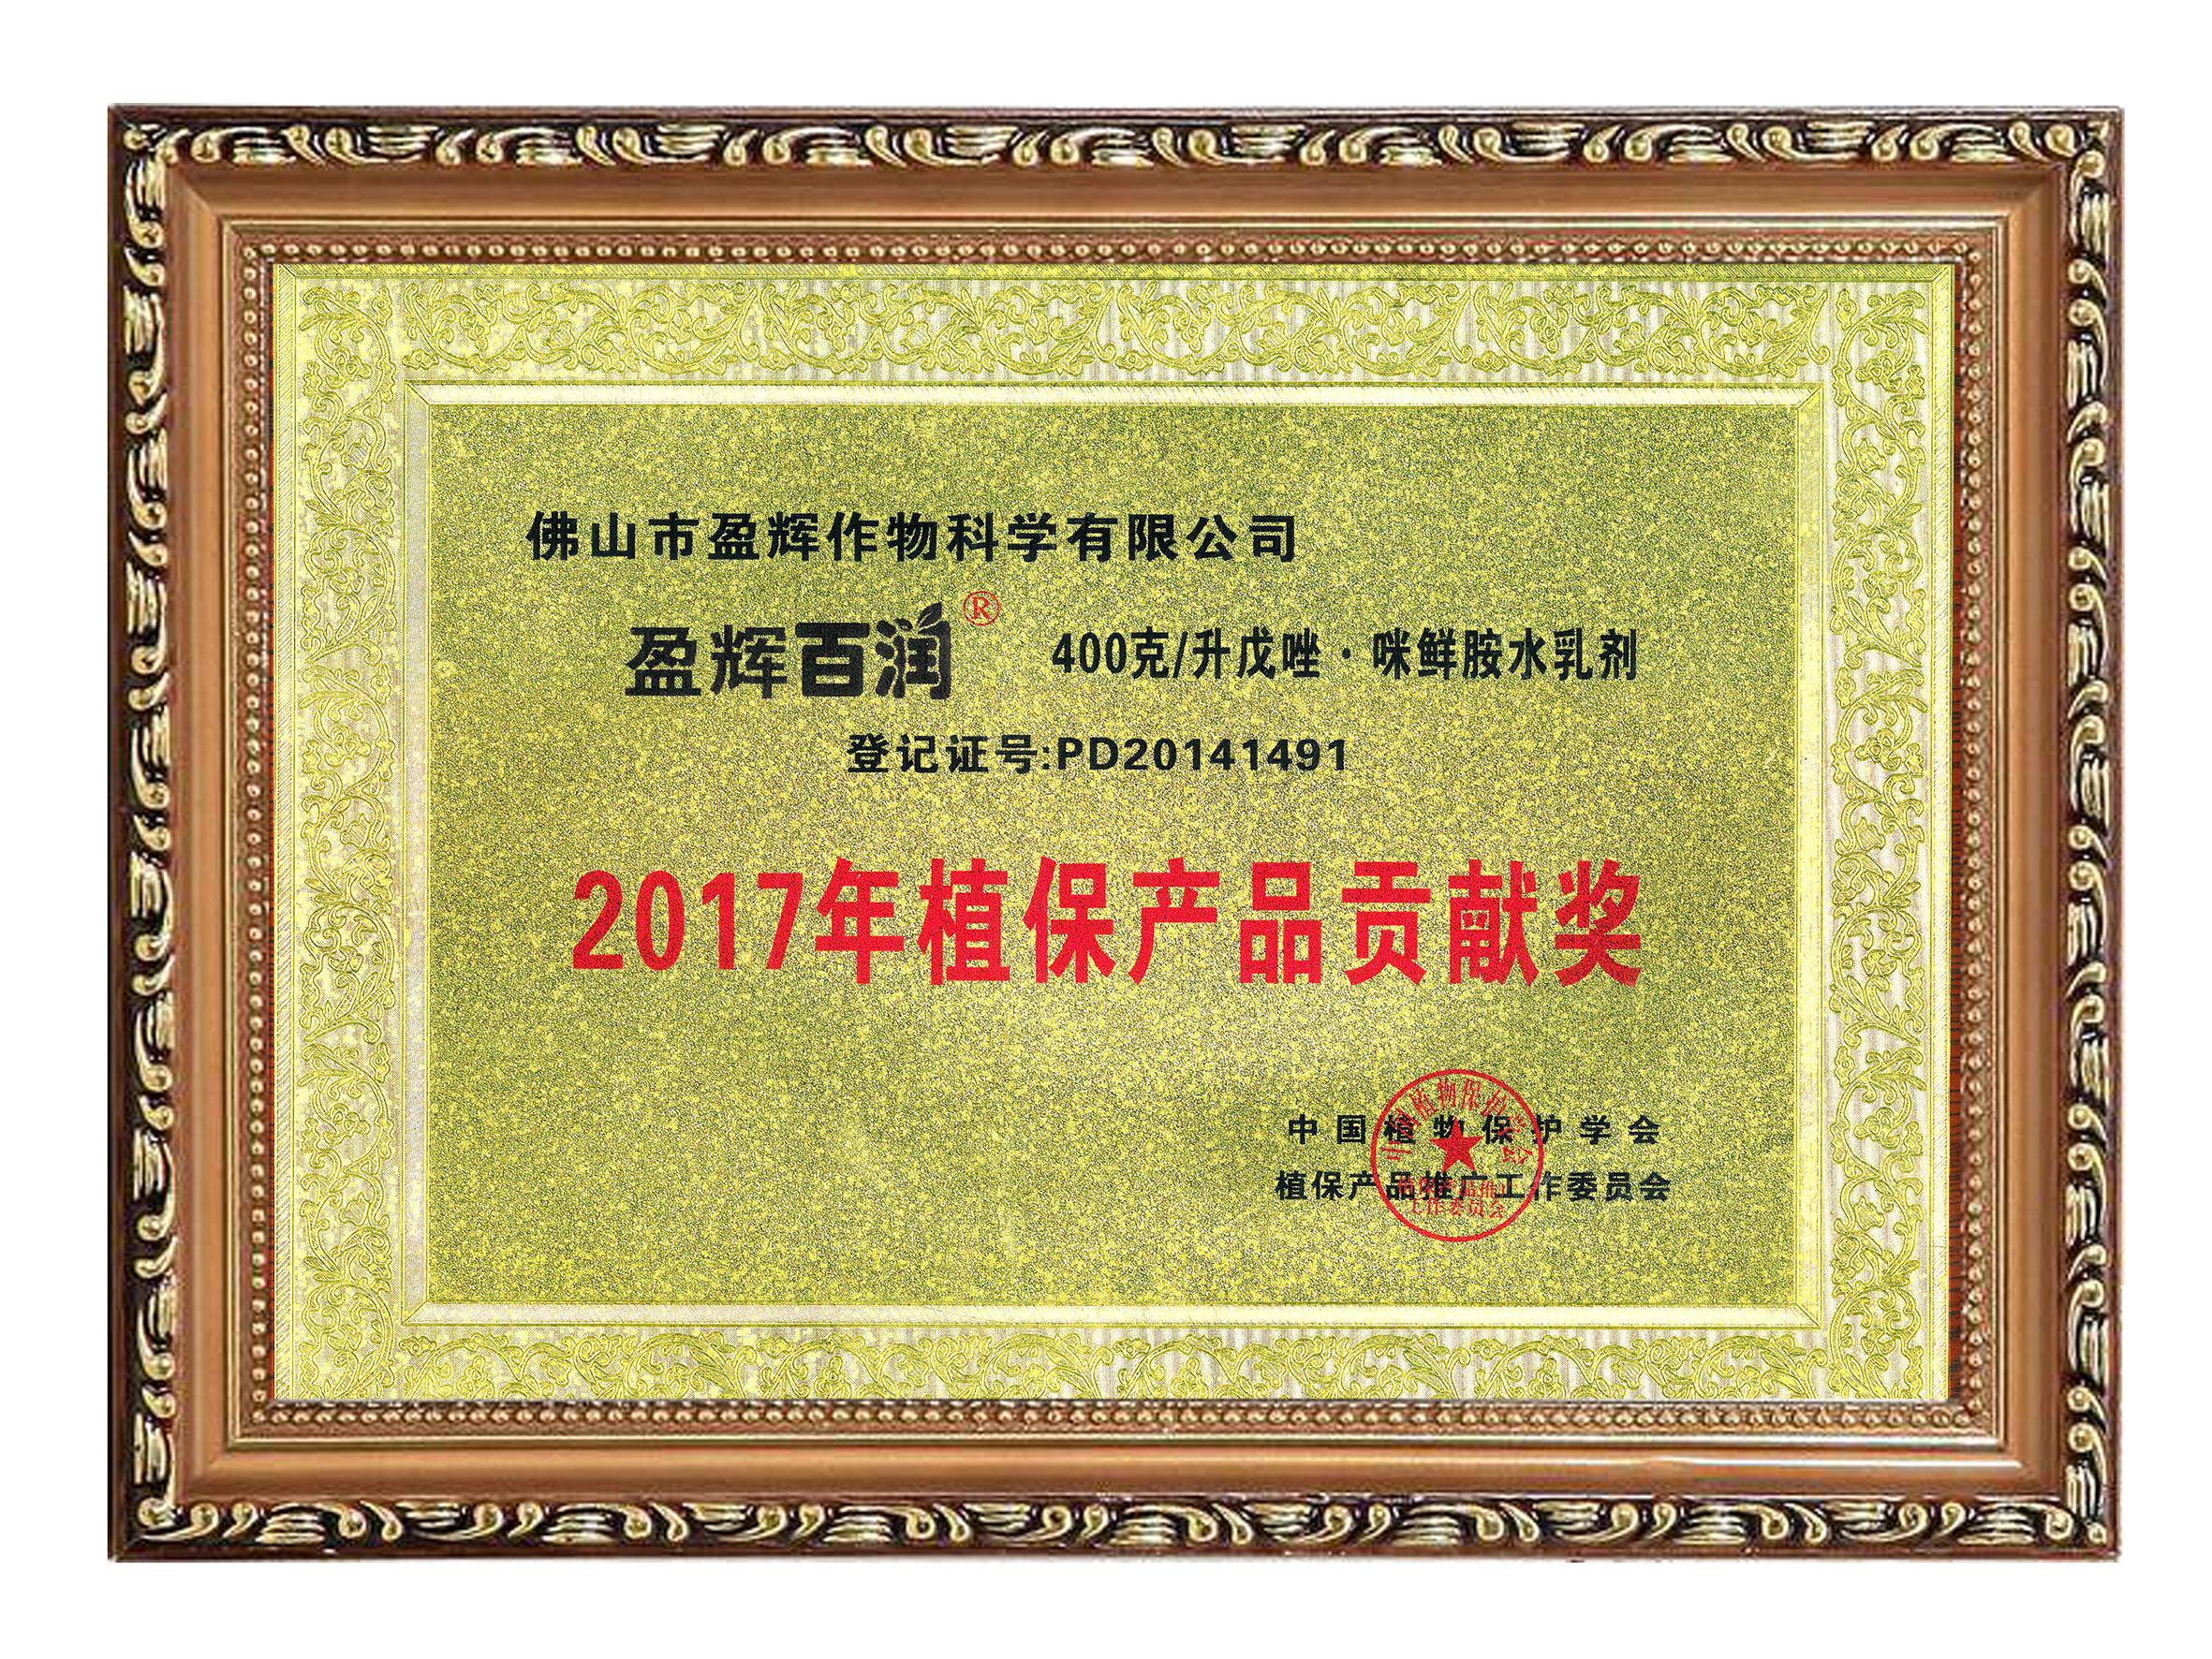 盈辉百润-植保产品贡献奖-2017